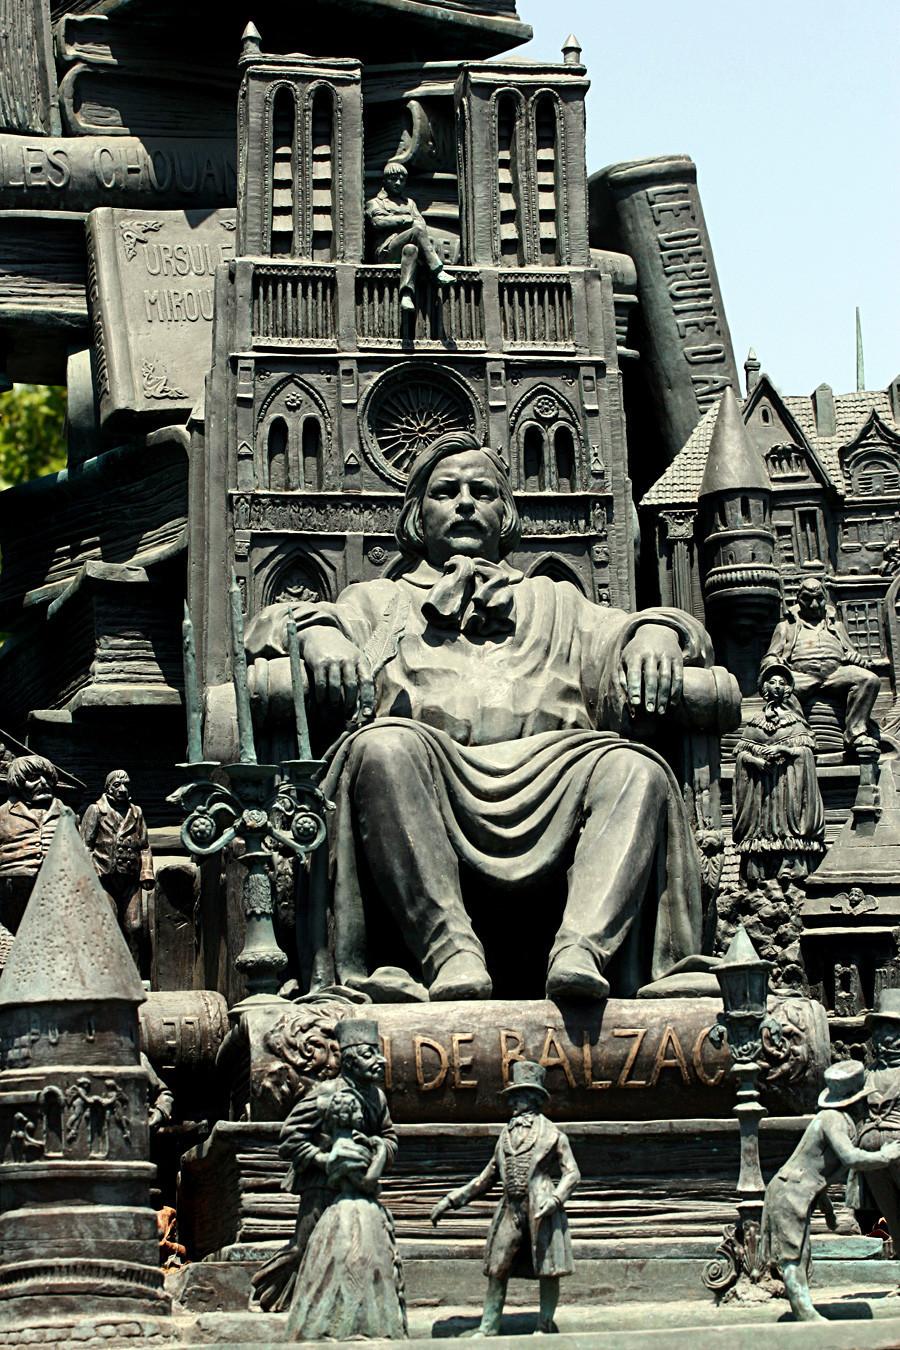 Monumento dedicado a Honoré de Balzac, na França